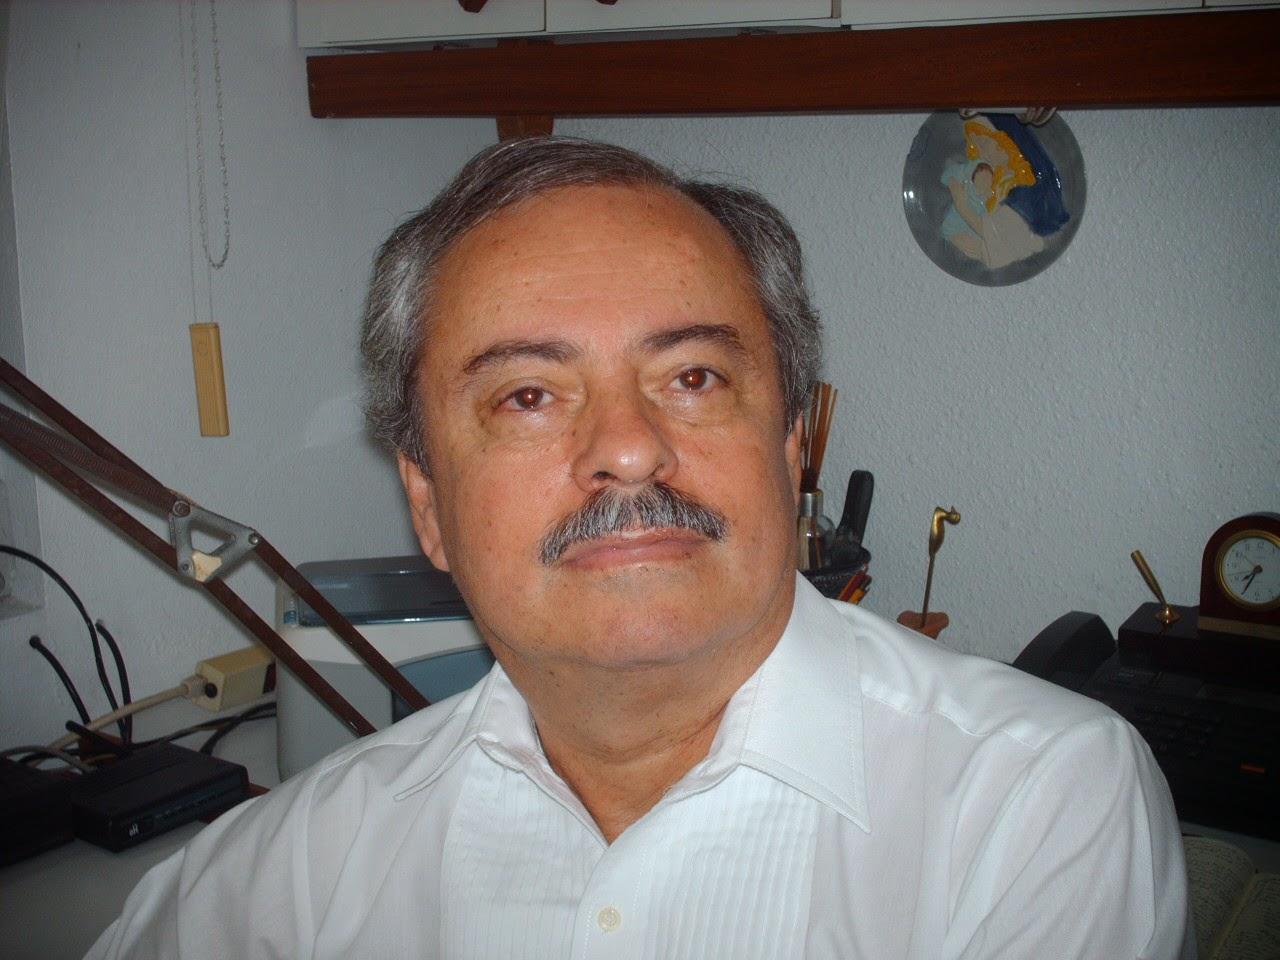 Anibal Colón De la Vega